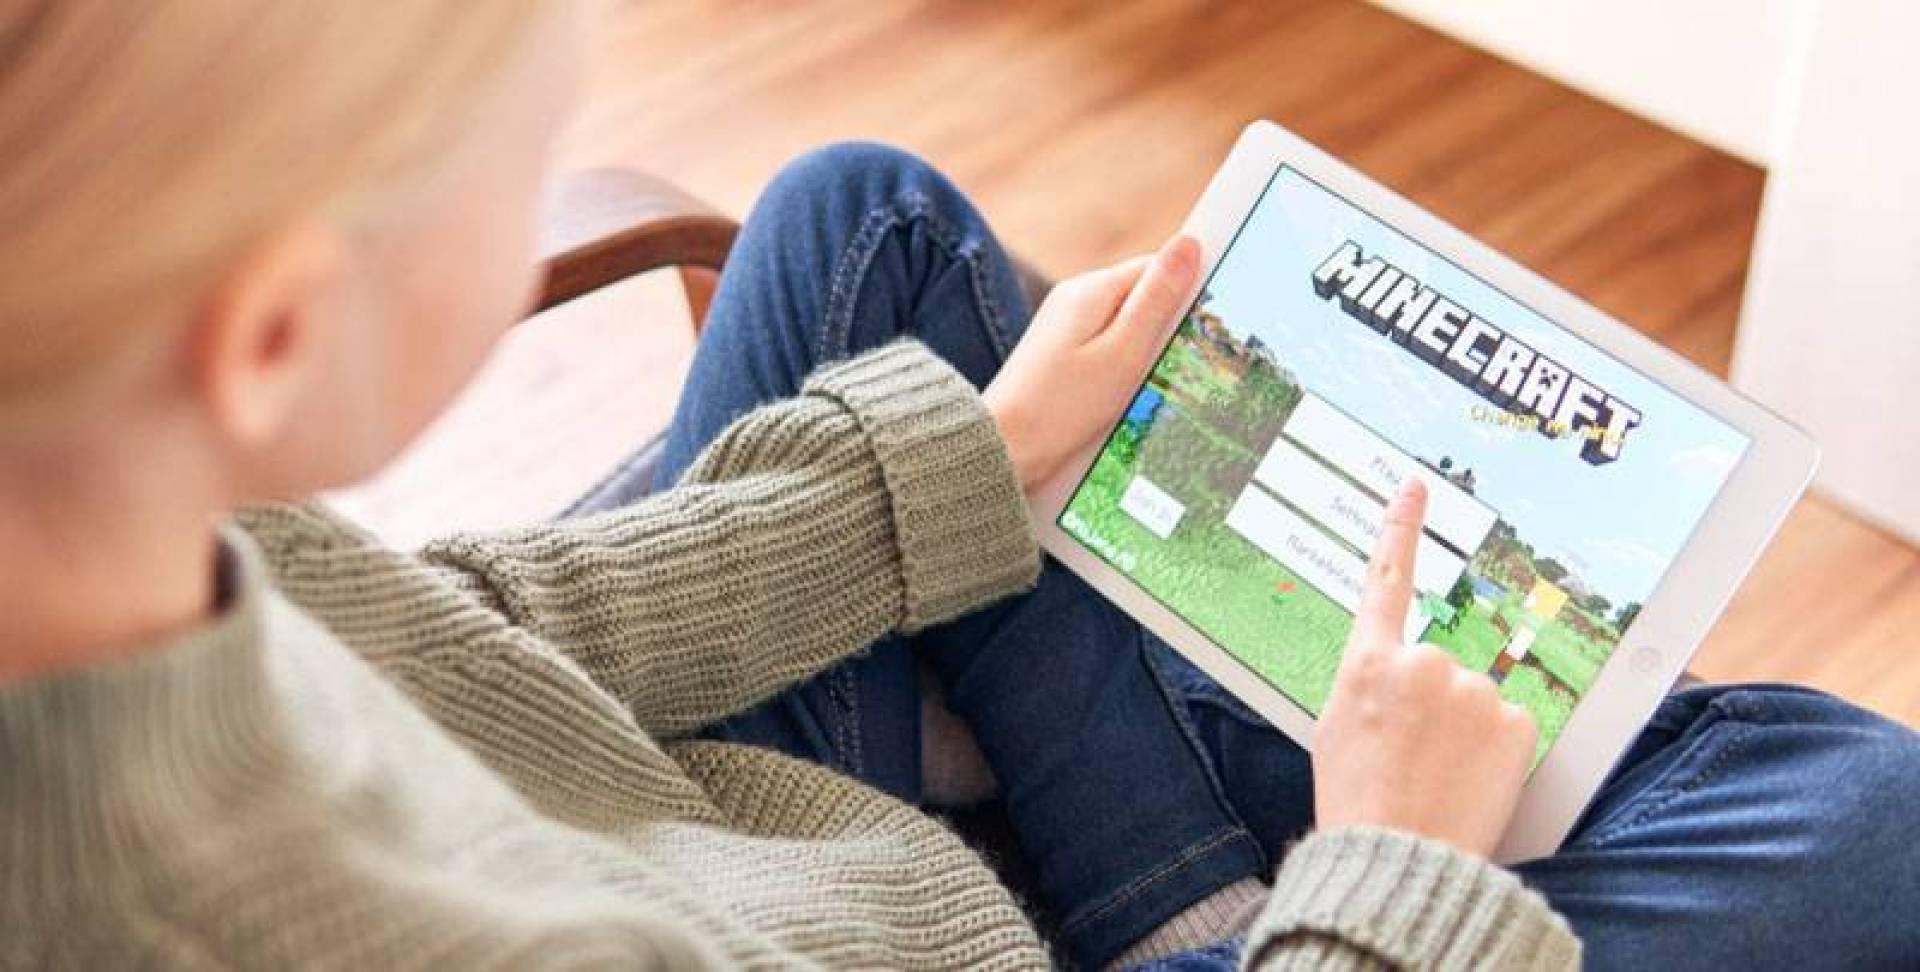 «بلومبيرغ»: 126 مليون لاعب «أونلاين» للعبة «ماينكرافت».. شهرياً